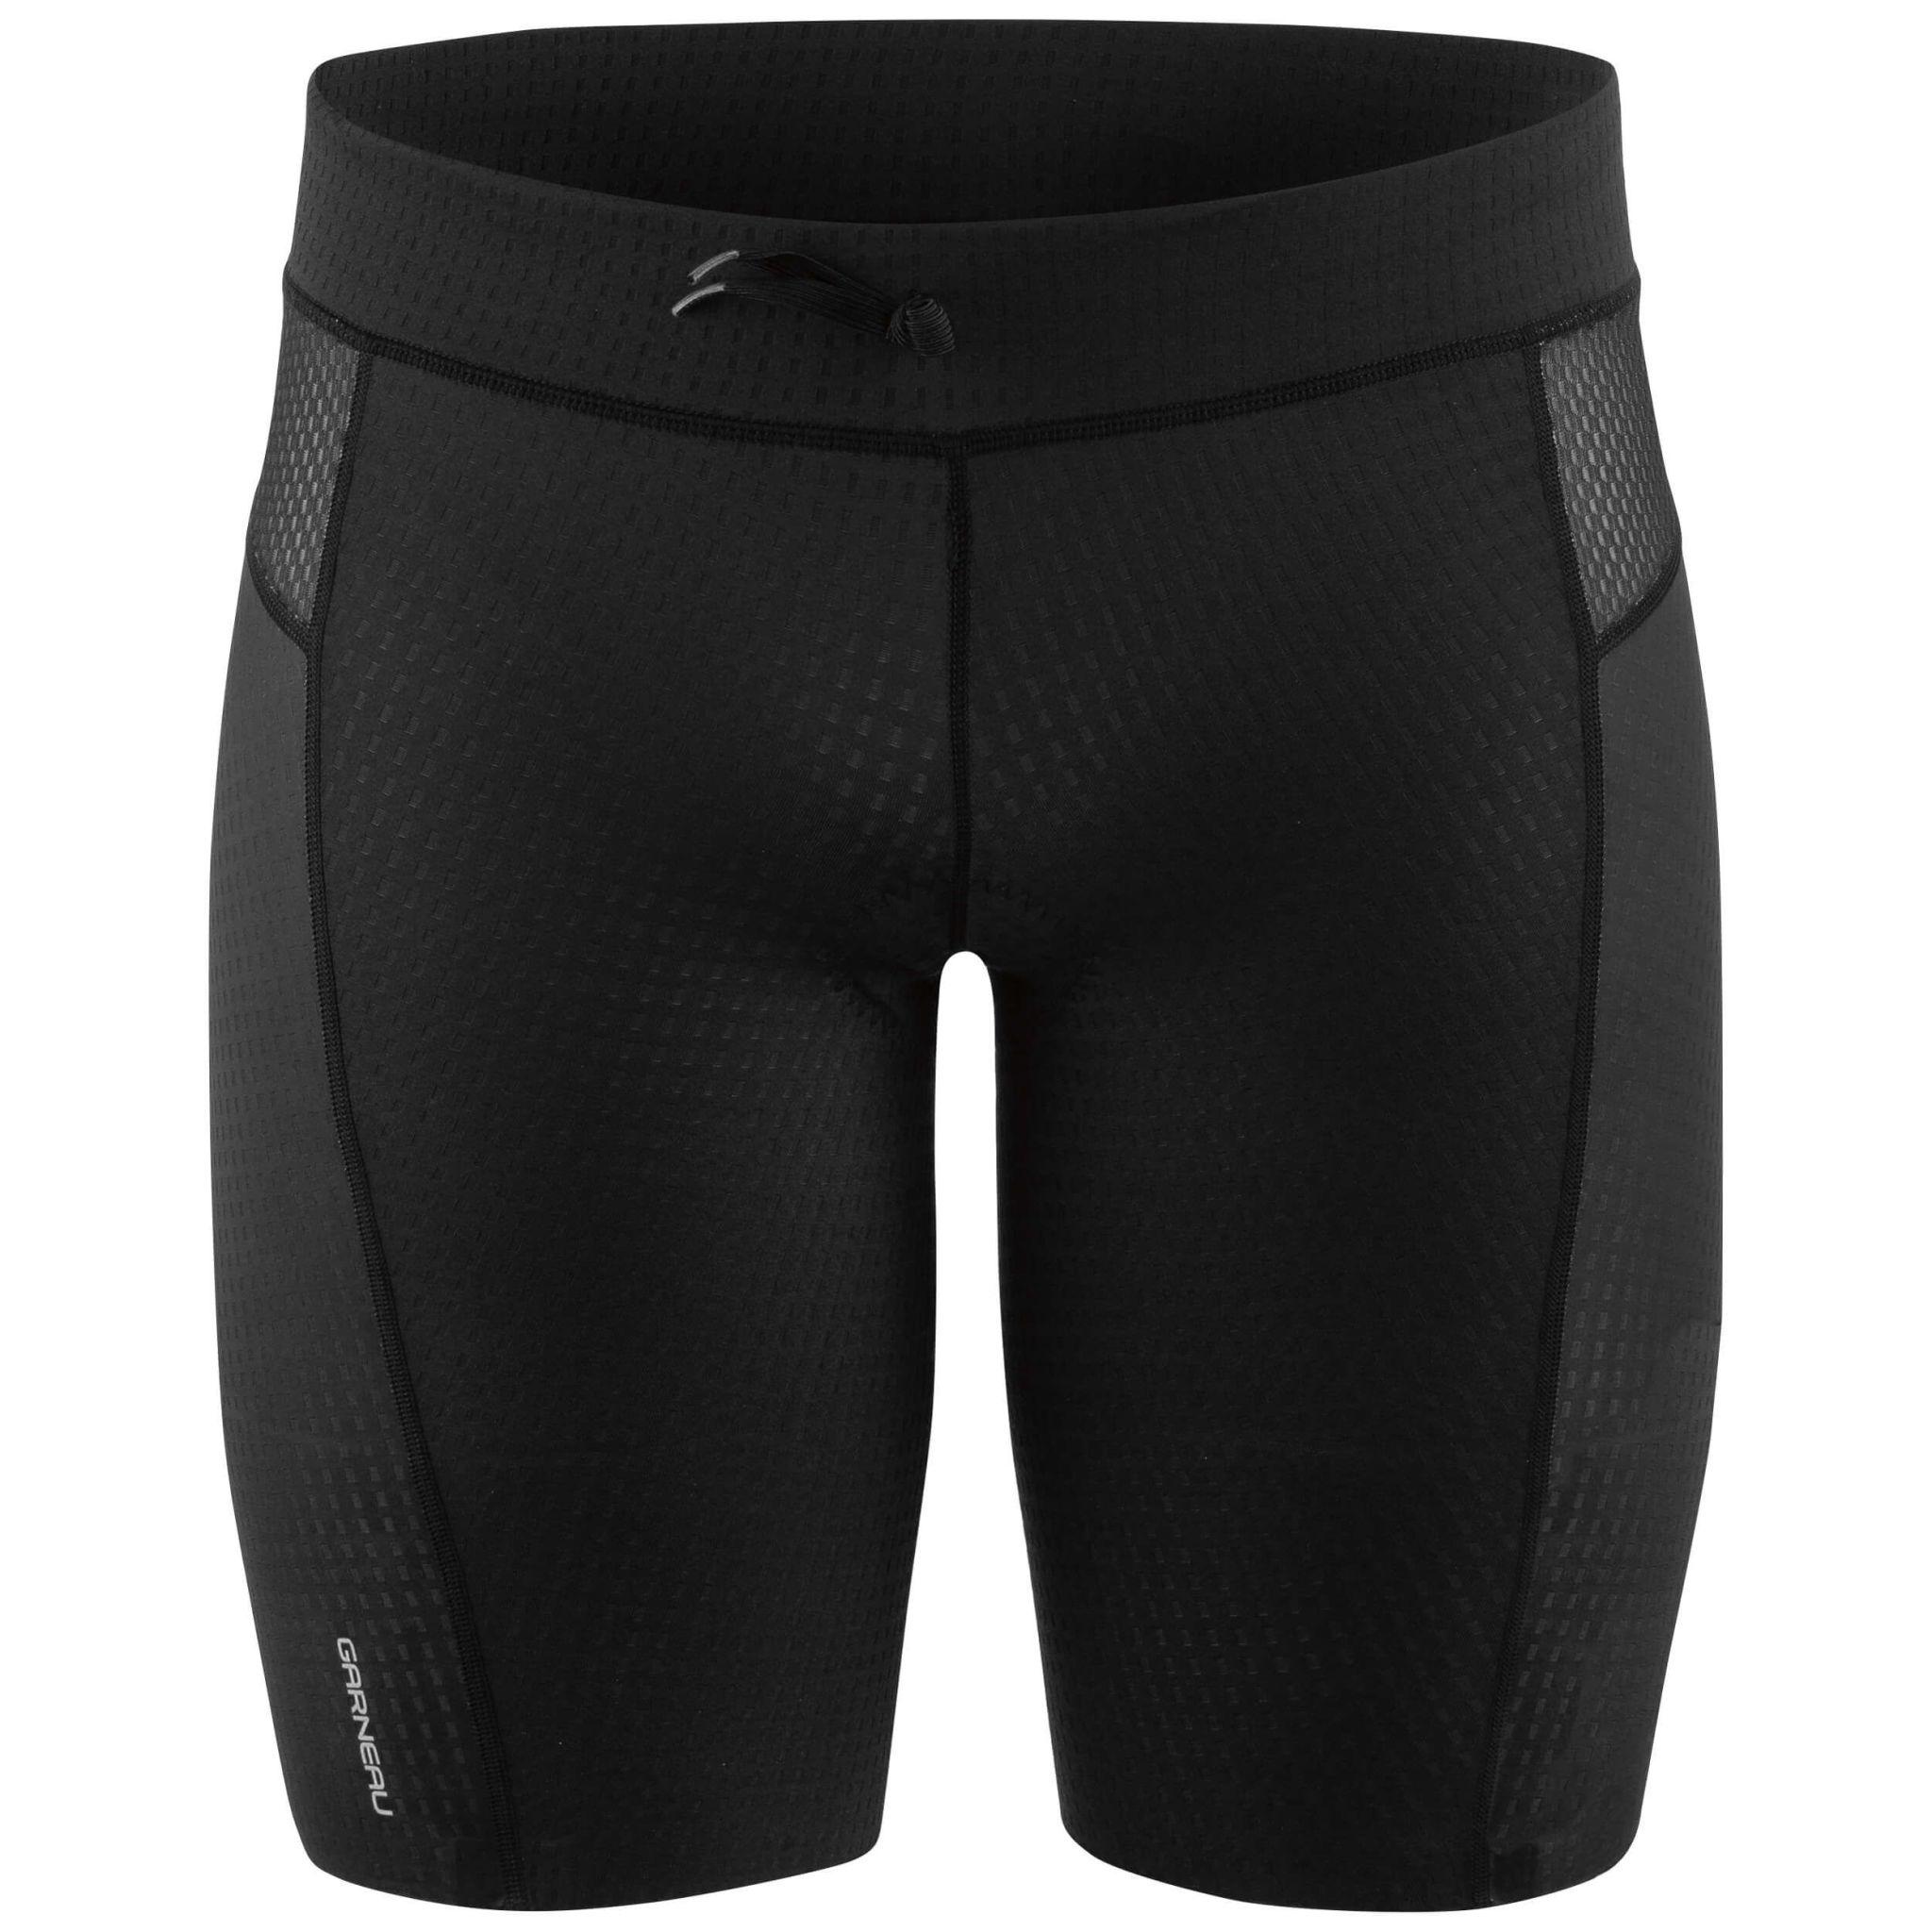 Louis Garneau Louis Garneau Men's Vent Tri Shorts